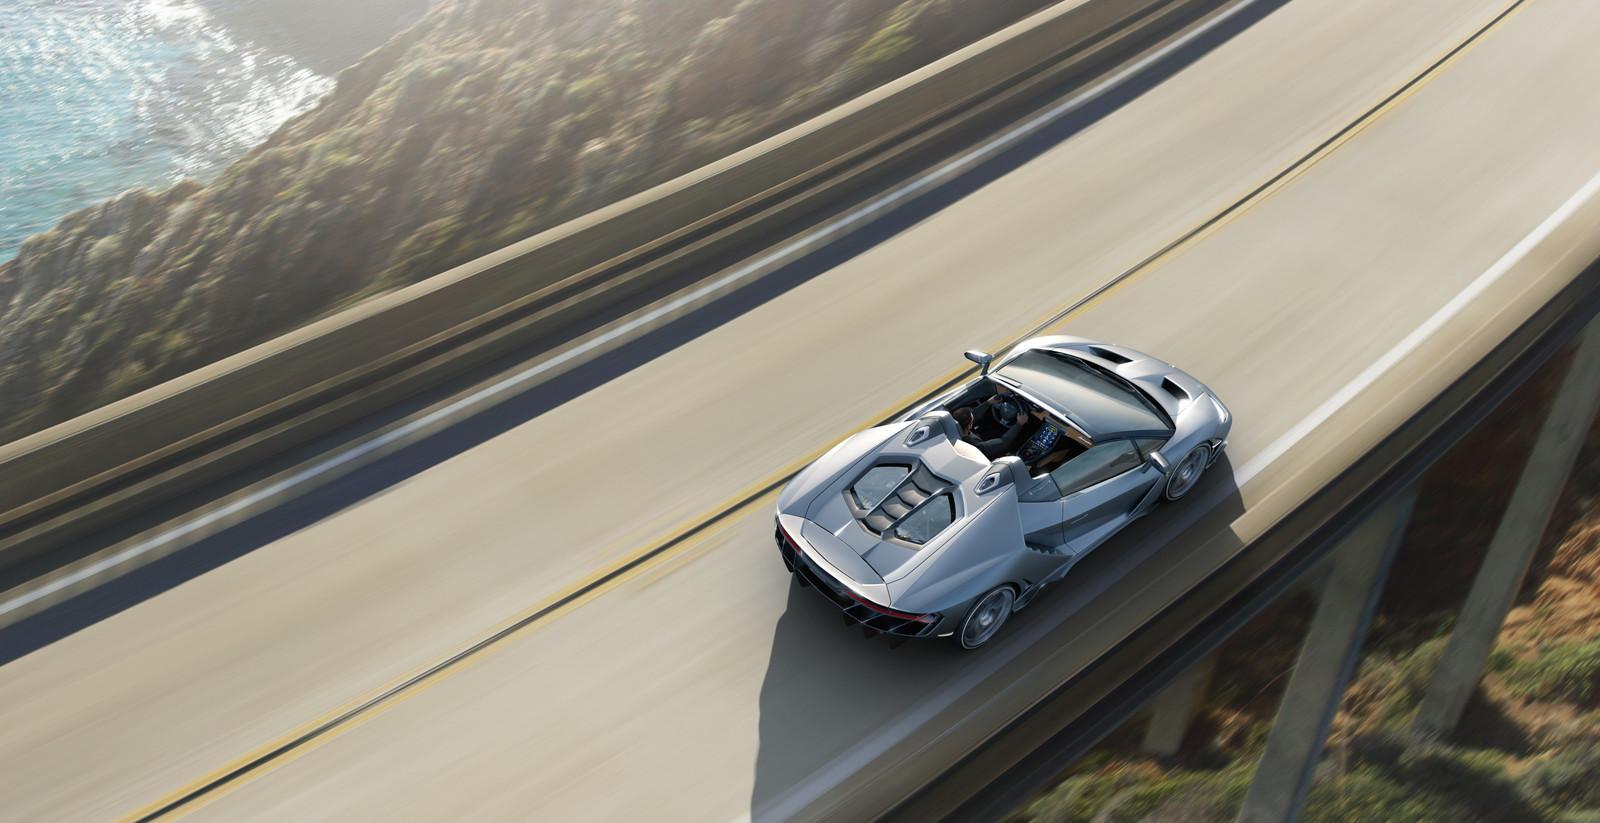 17 fotos más de Lamborghini Centenario Roadster